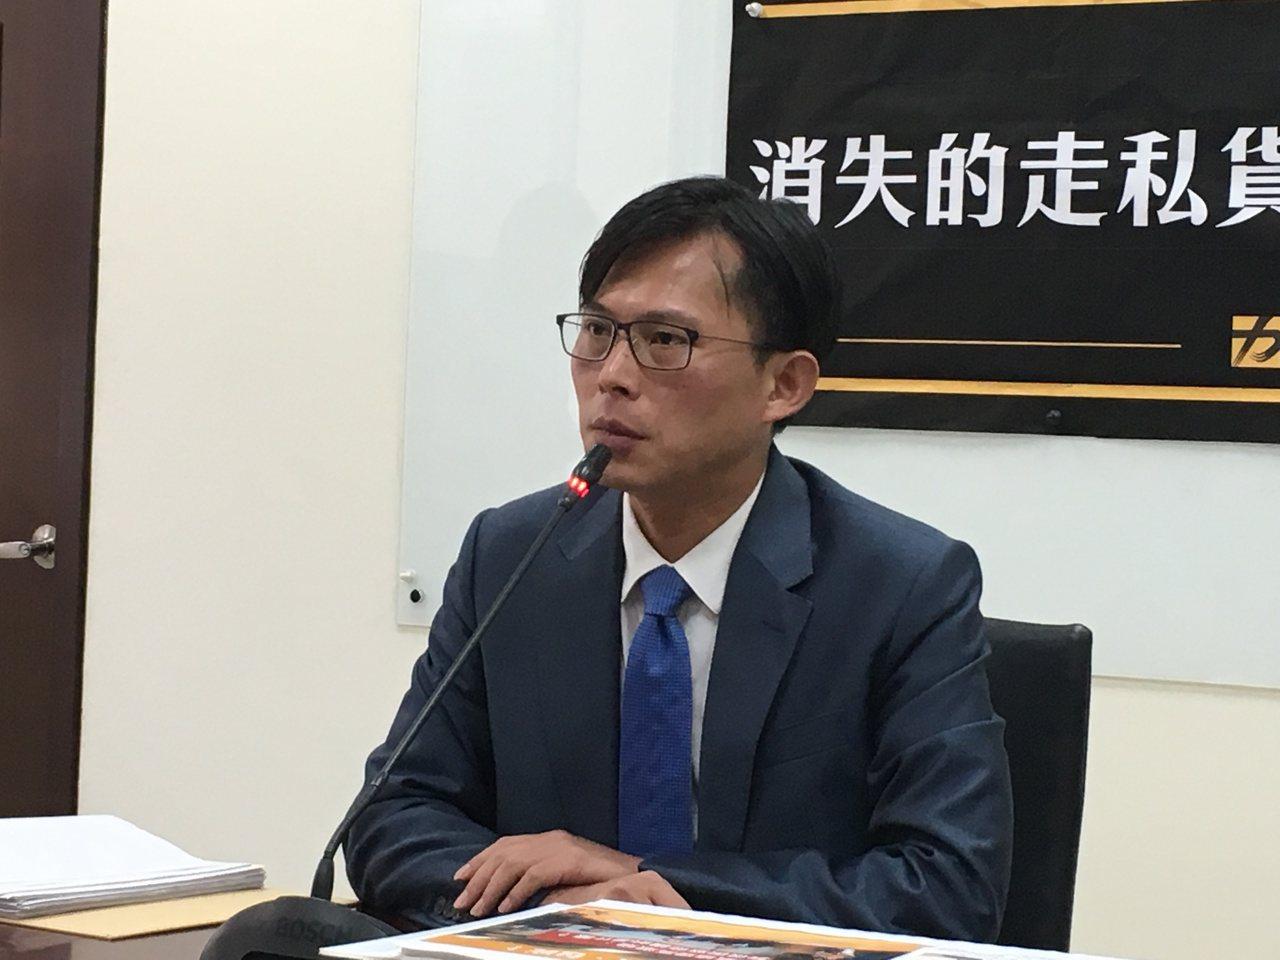 黃國昌公布合約書 痛批橋梁檢測團隊自己與自己簽約 | 聯合新聞網